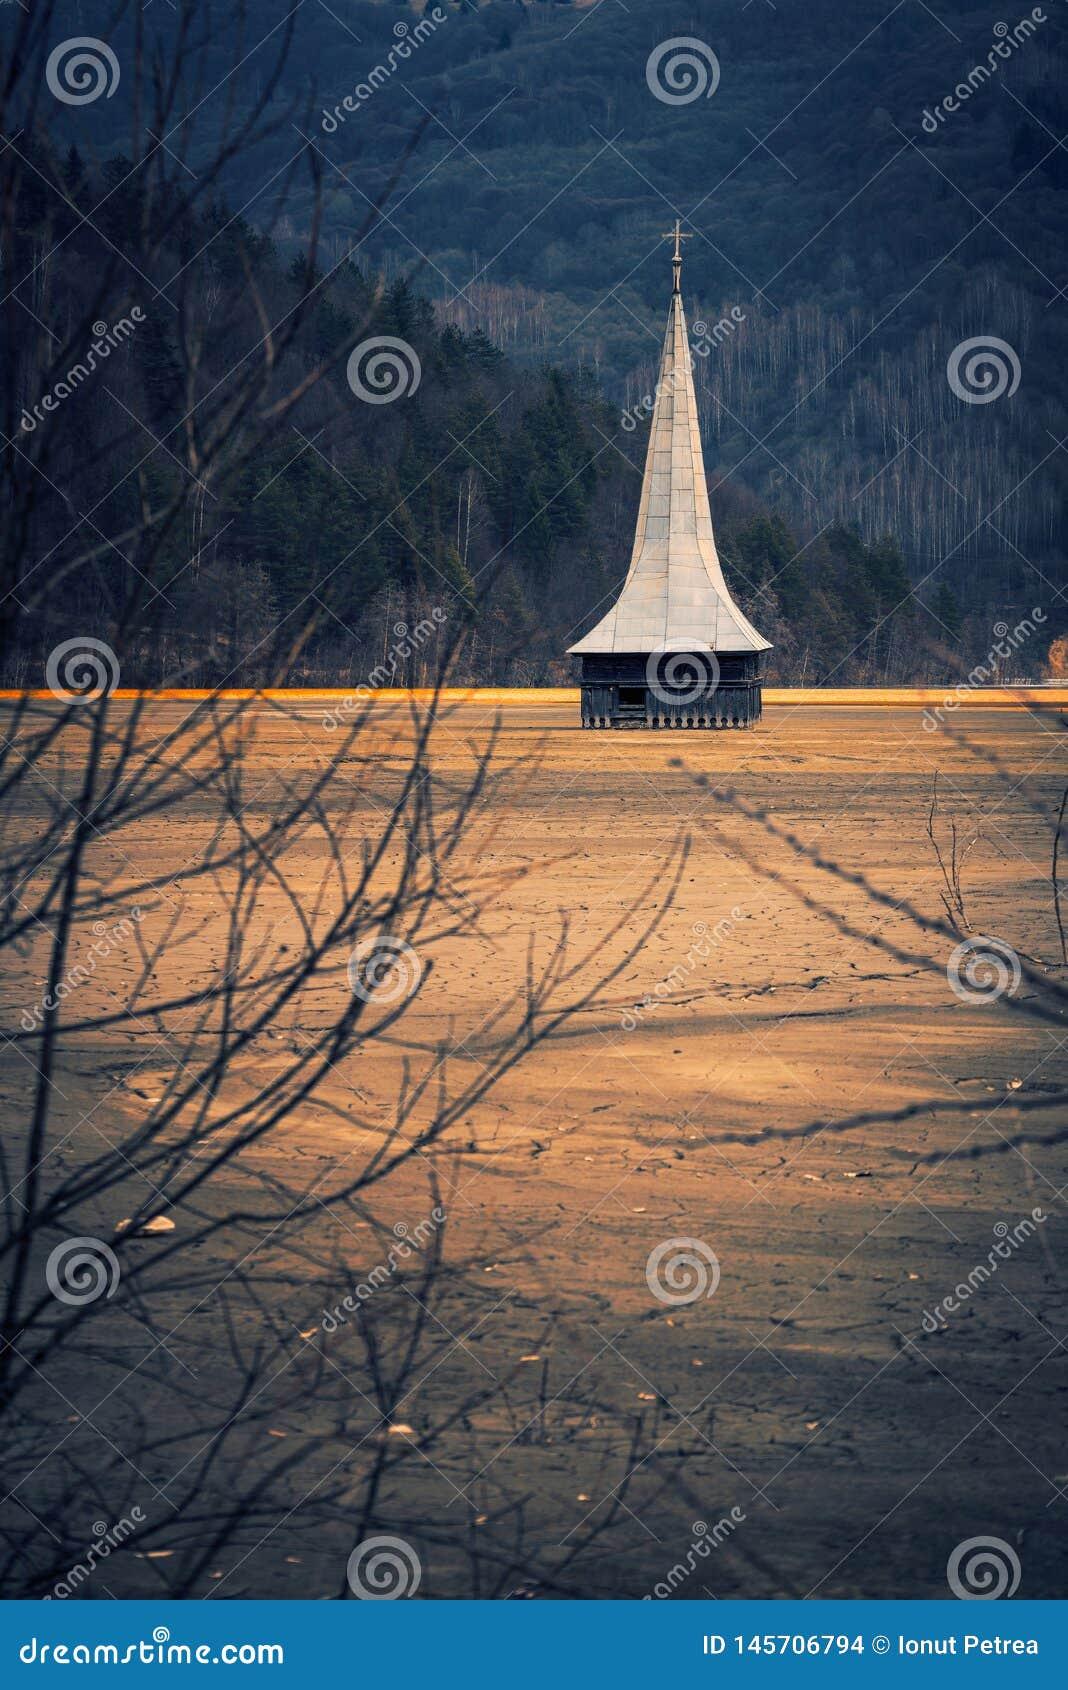 La torre di una chiesa situata in un villaggio sommerso da spreco sterile da una società di estrazione mineraria in un posto dram